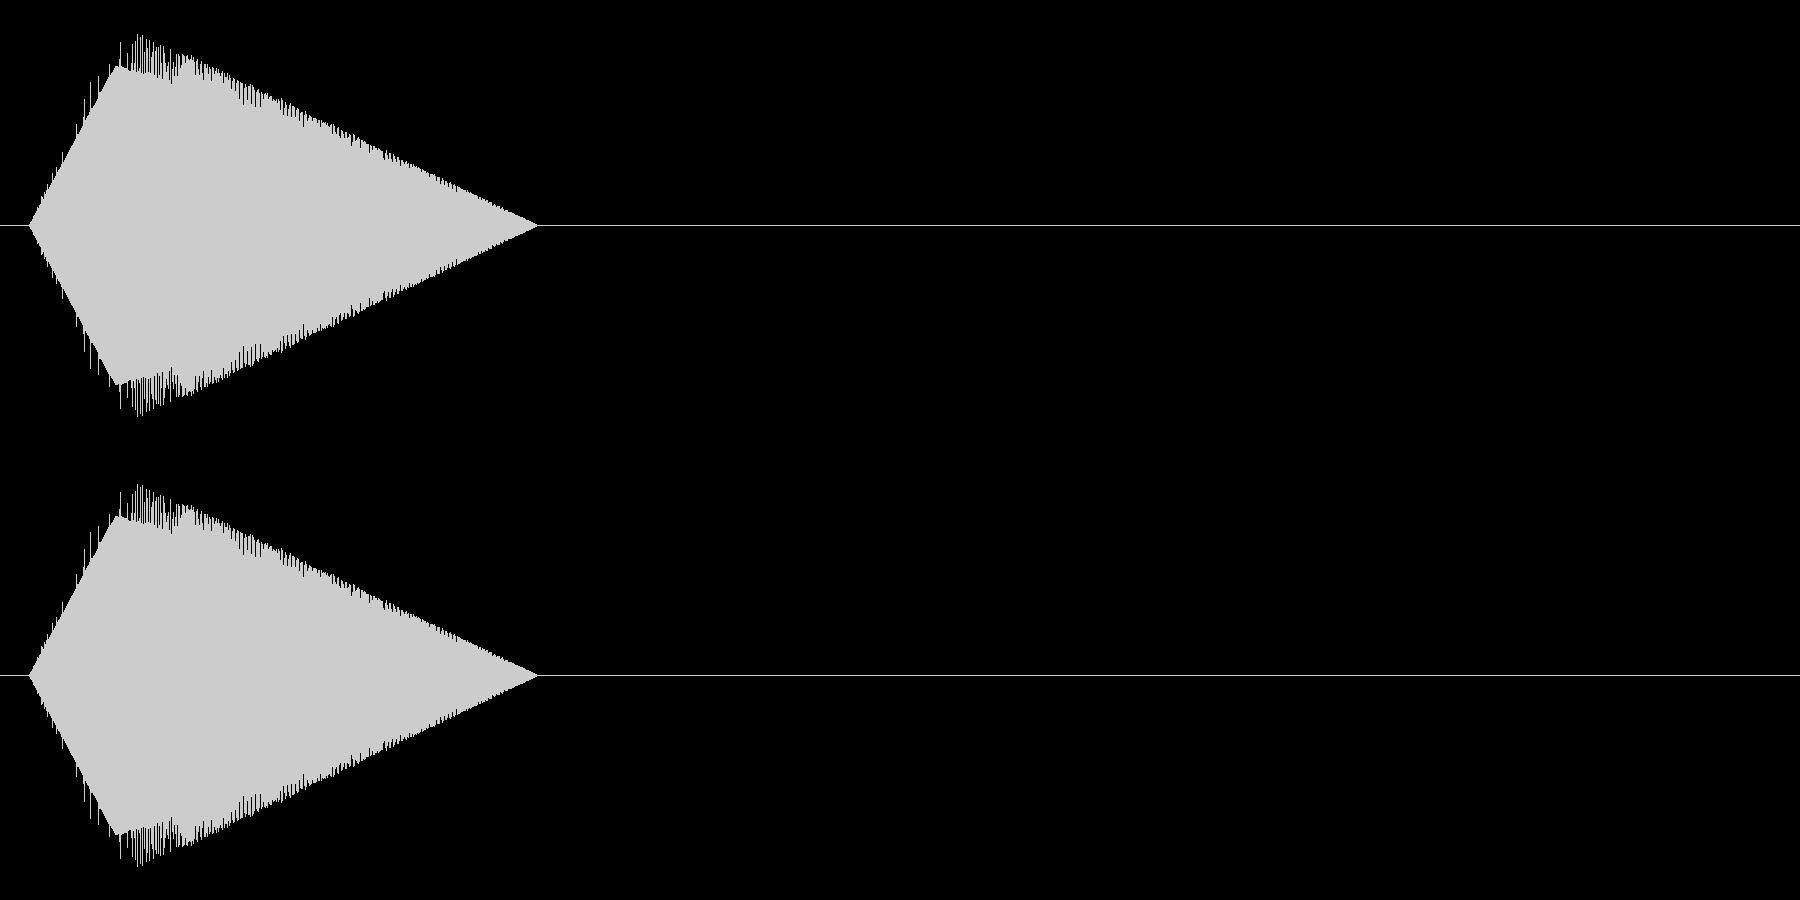 レトロゲーム風・アイテムゲット#3の未再生の波形